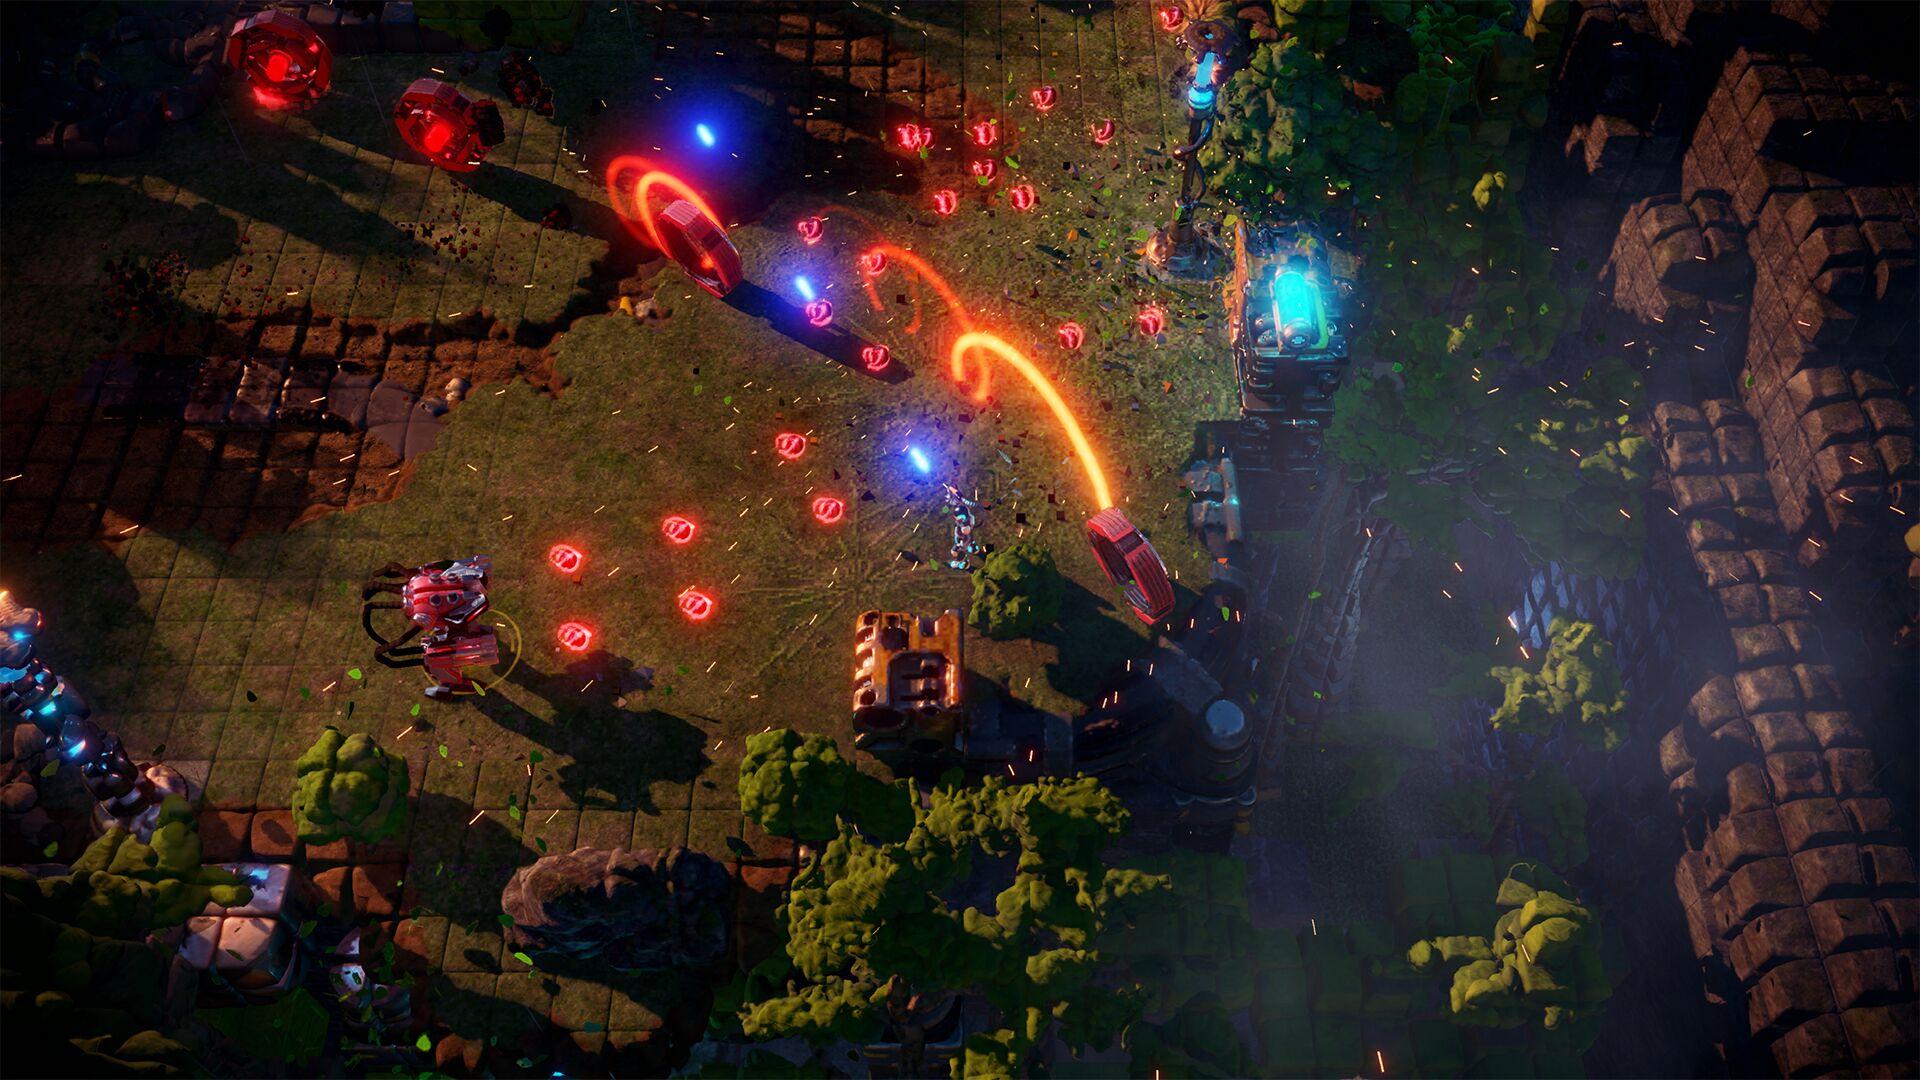 Разработчики Nex Machina анонсировали мультиплеерный экшен Stormdivers